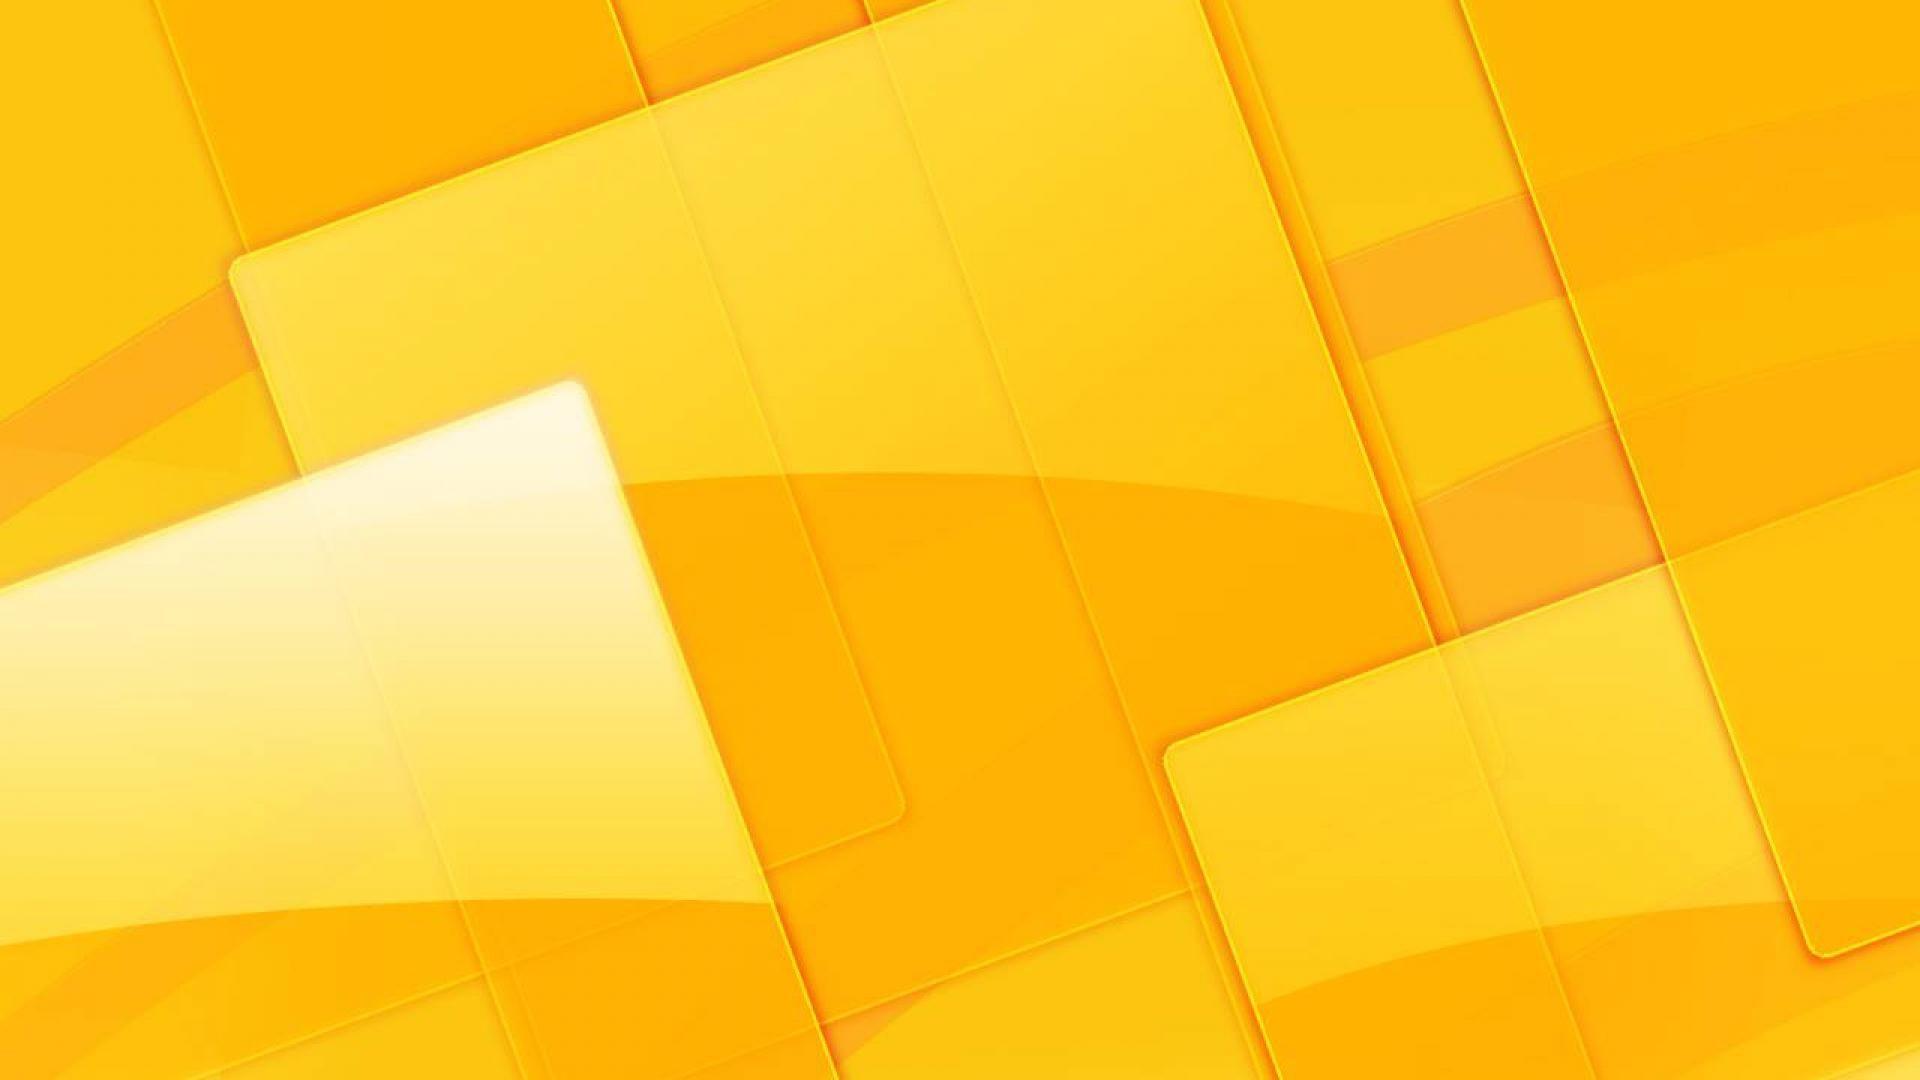 1920x1080 Nền Hình Nền Màu Vàng Độ Nét Cao Miễn Phí